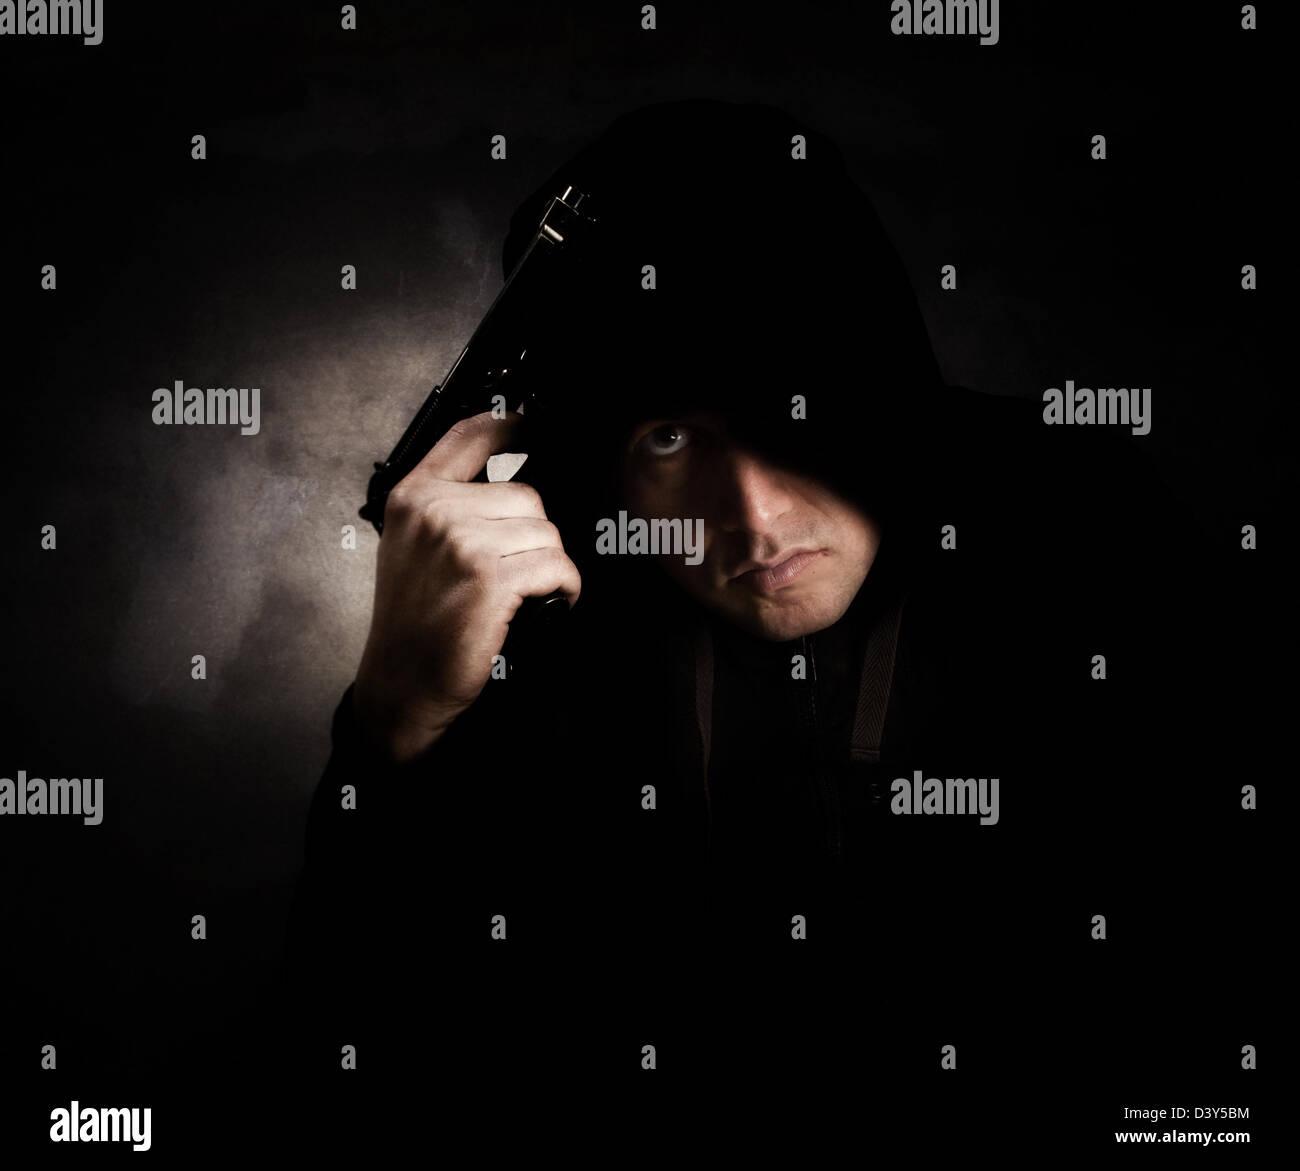 Membro della gang che indossa un nero felpa con cappuccio in possesso di una pistola con un espressione arrabbiato.La Immagini Stock